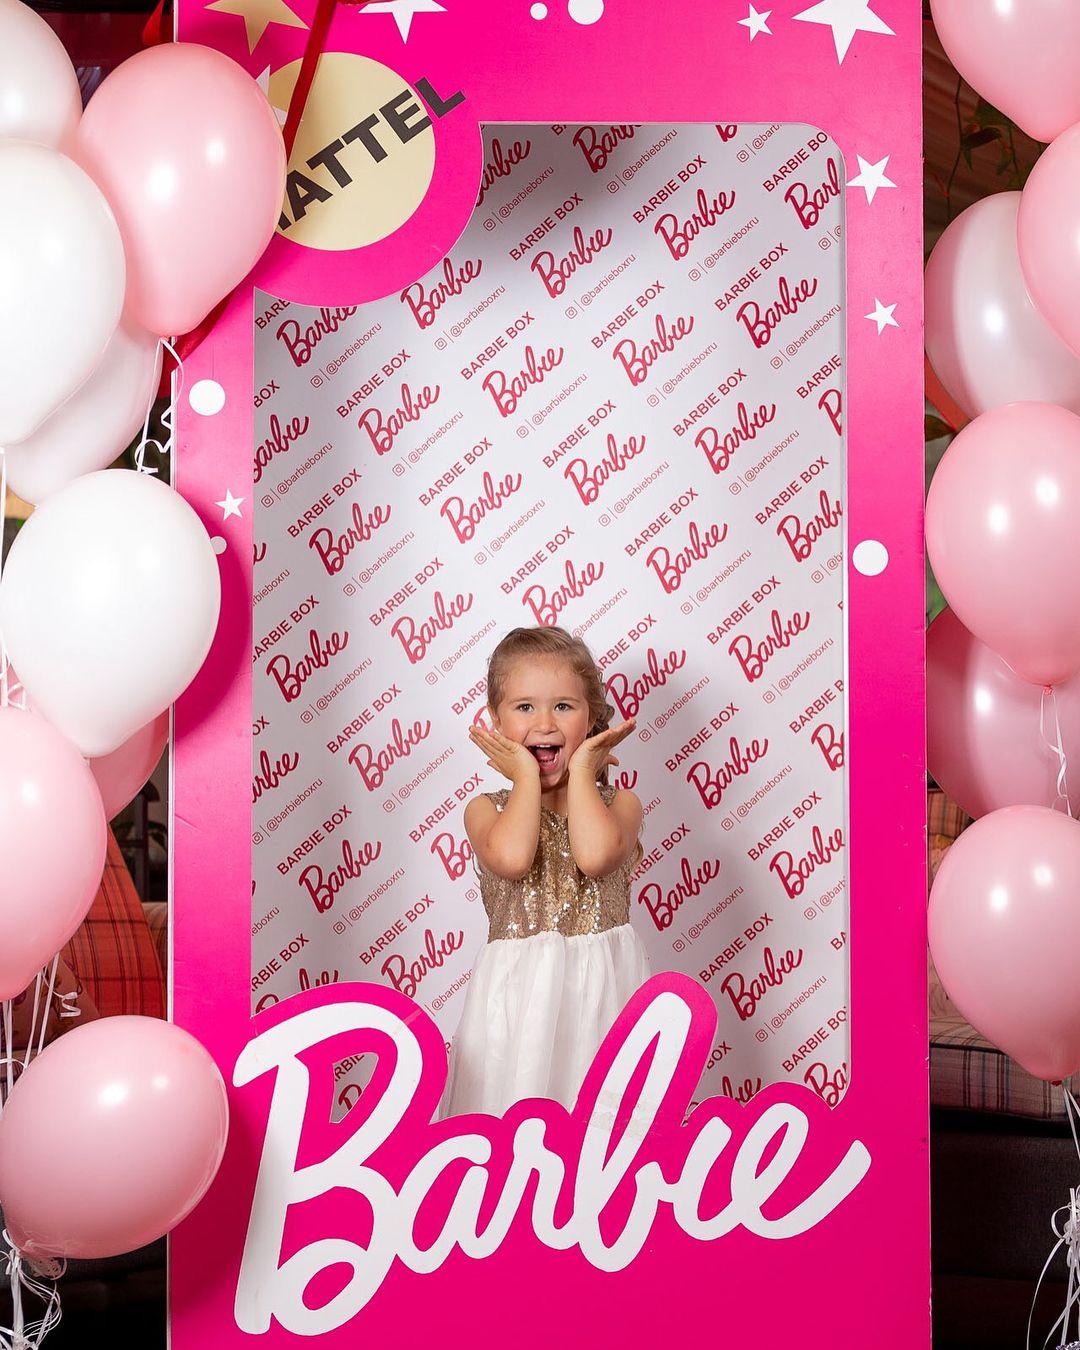 Вы только гляньте на эту модель Может в актрисы ее подать? . . #мояниколь #николь #доченька #мамавдекрете #happy #дочкиматери #барби #family #baby #Nicole #love #instagram #instagood #barbie